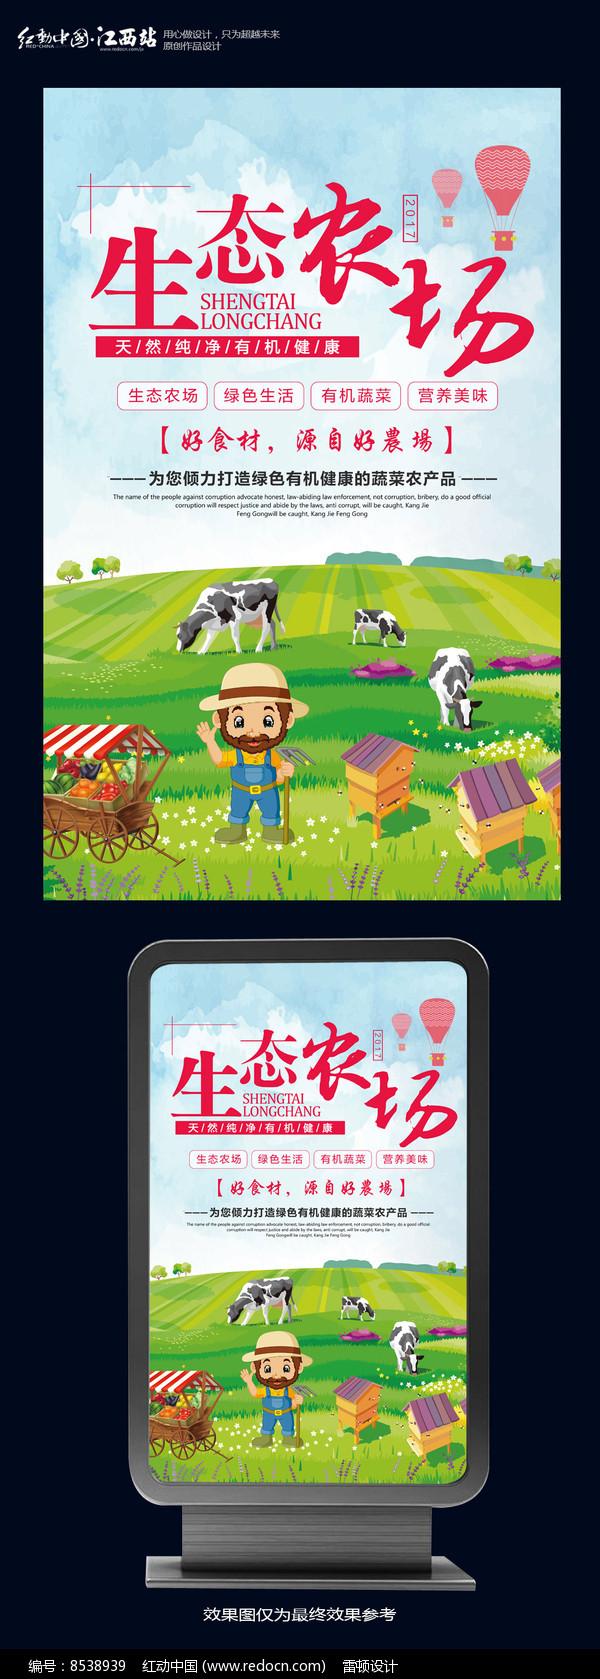 简约大气生态农场宣传海报图片